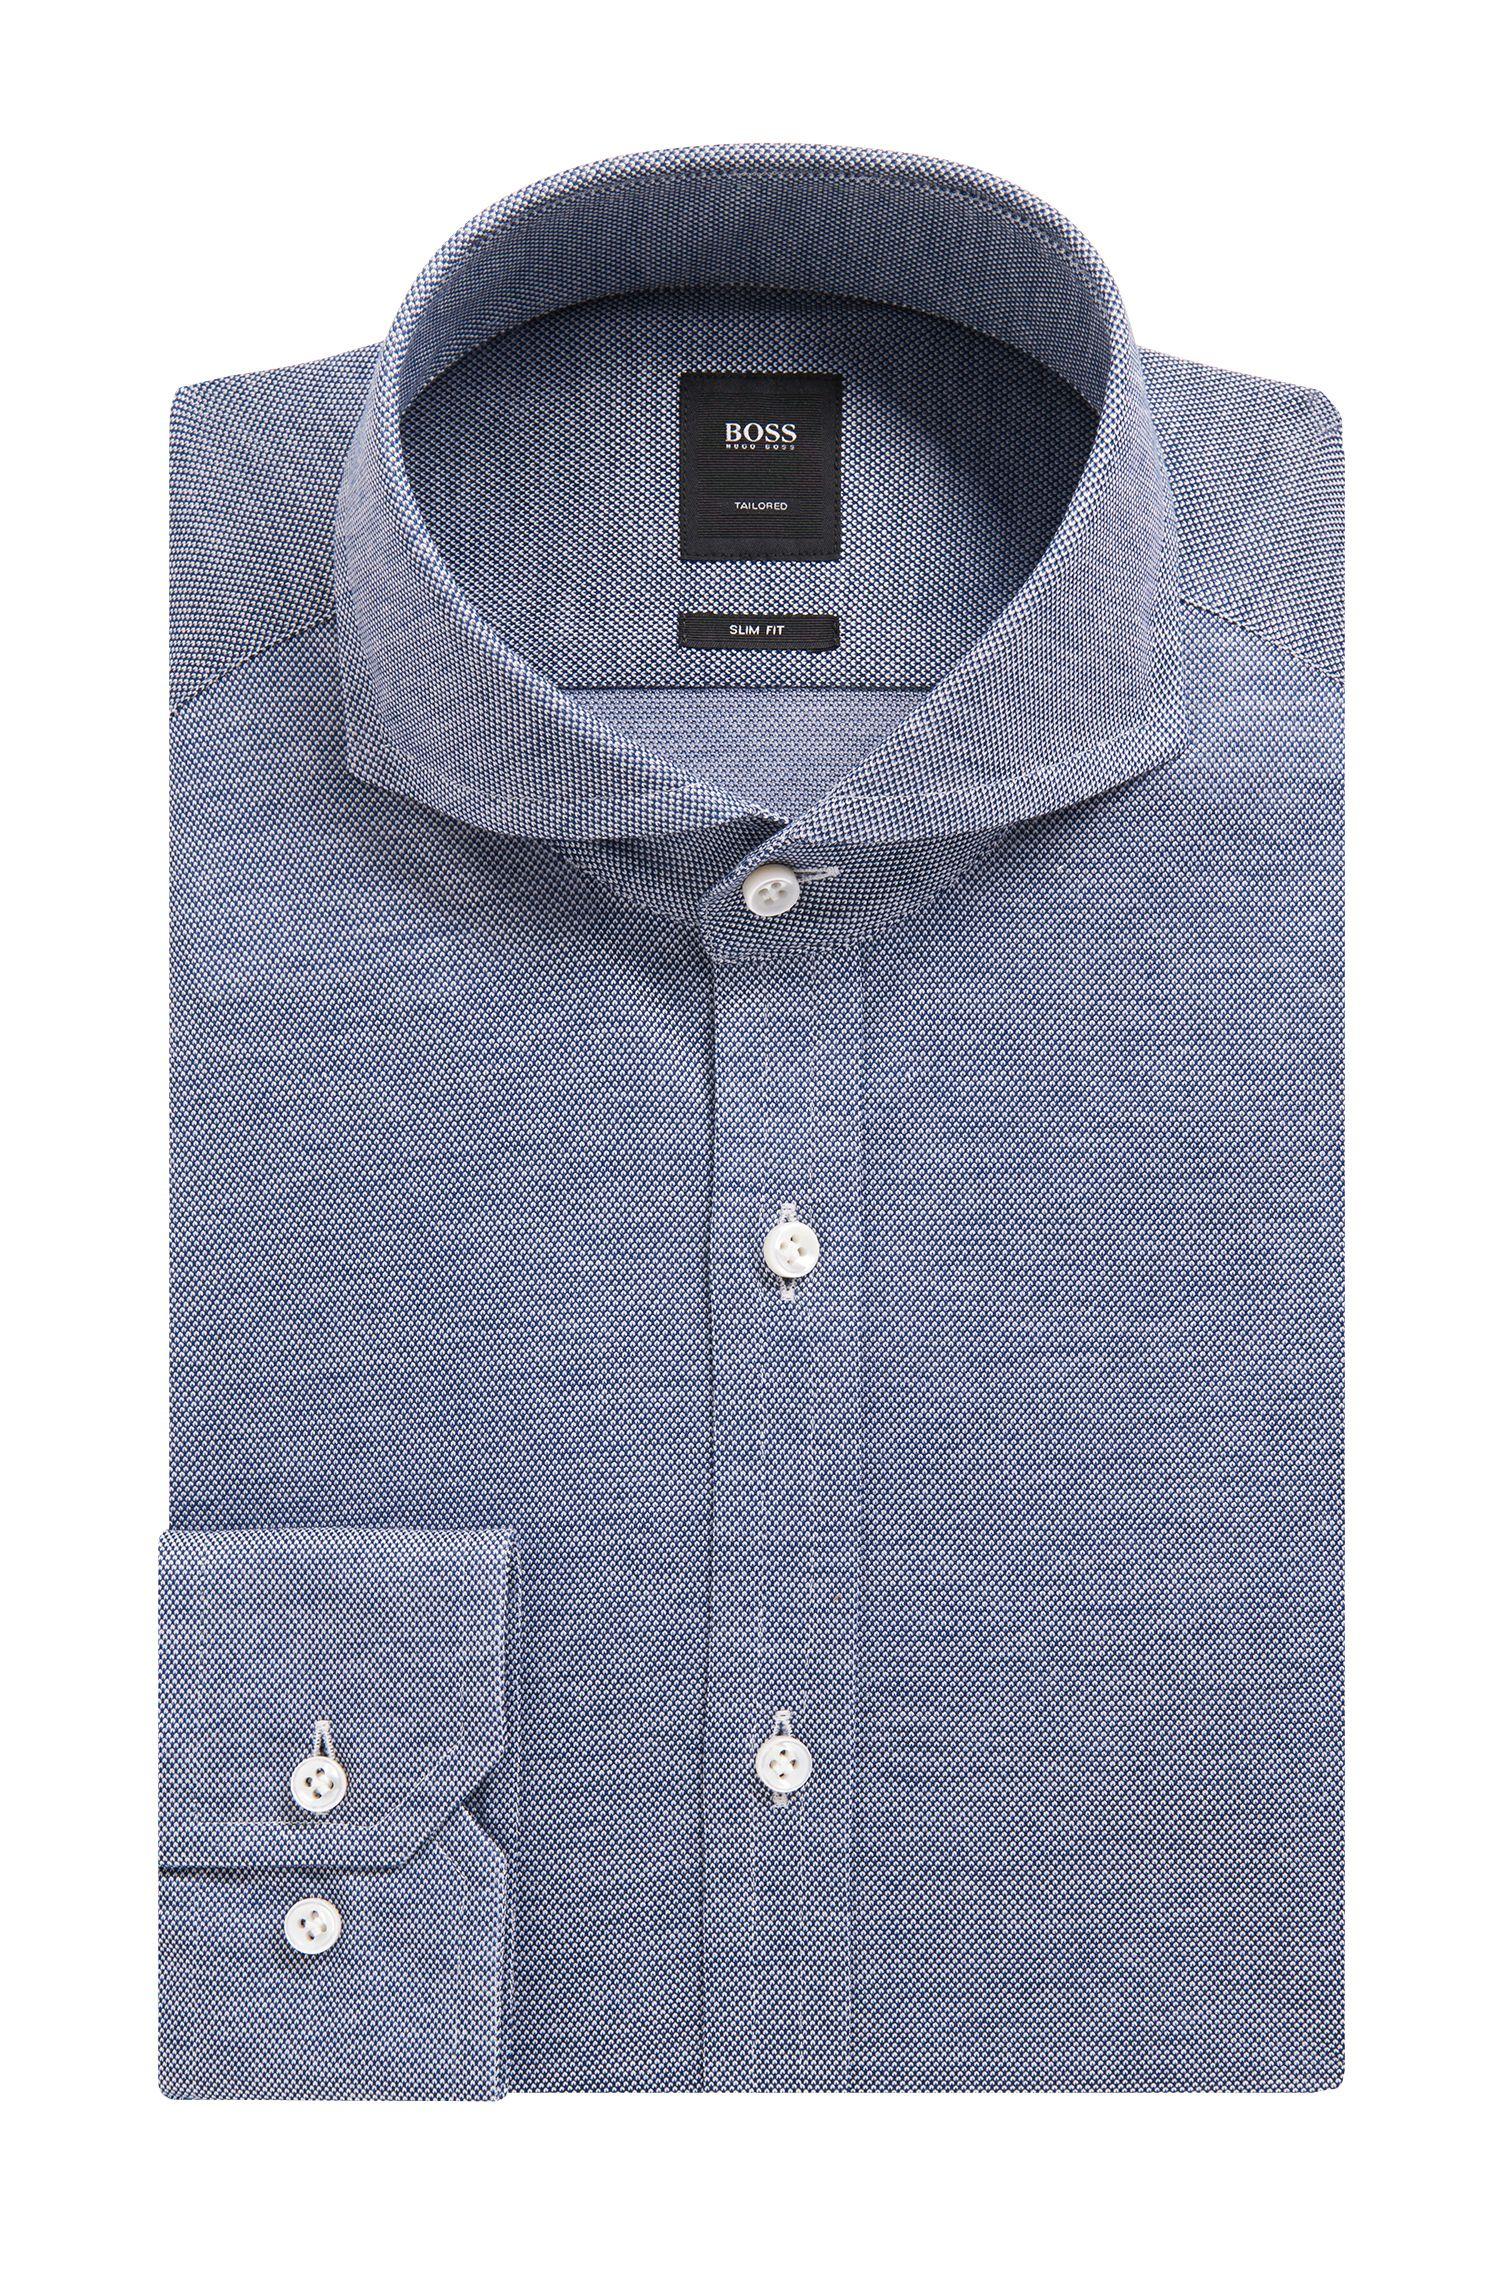 'T-Swain' | Slim Fit, Italian Cotton Jersey Dress Shirt